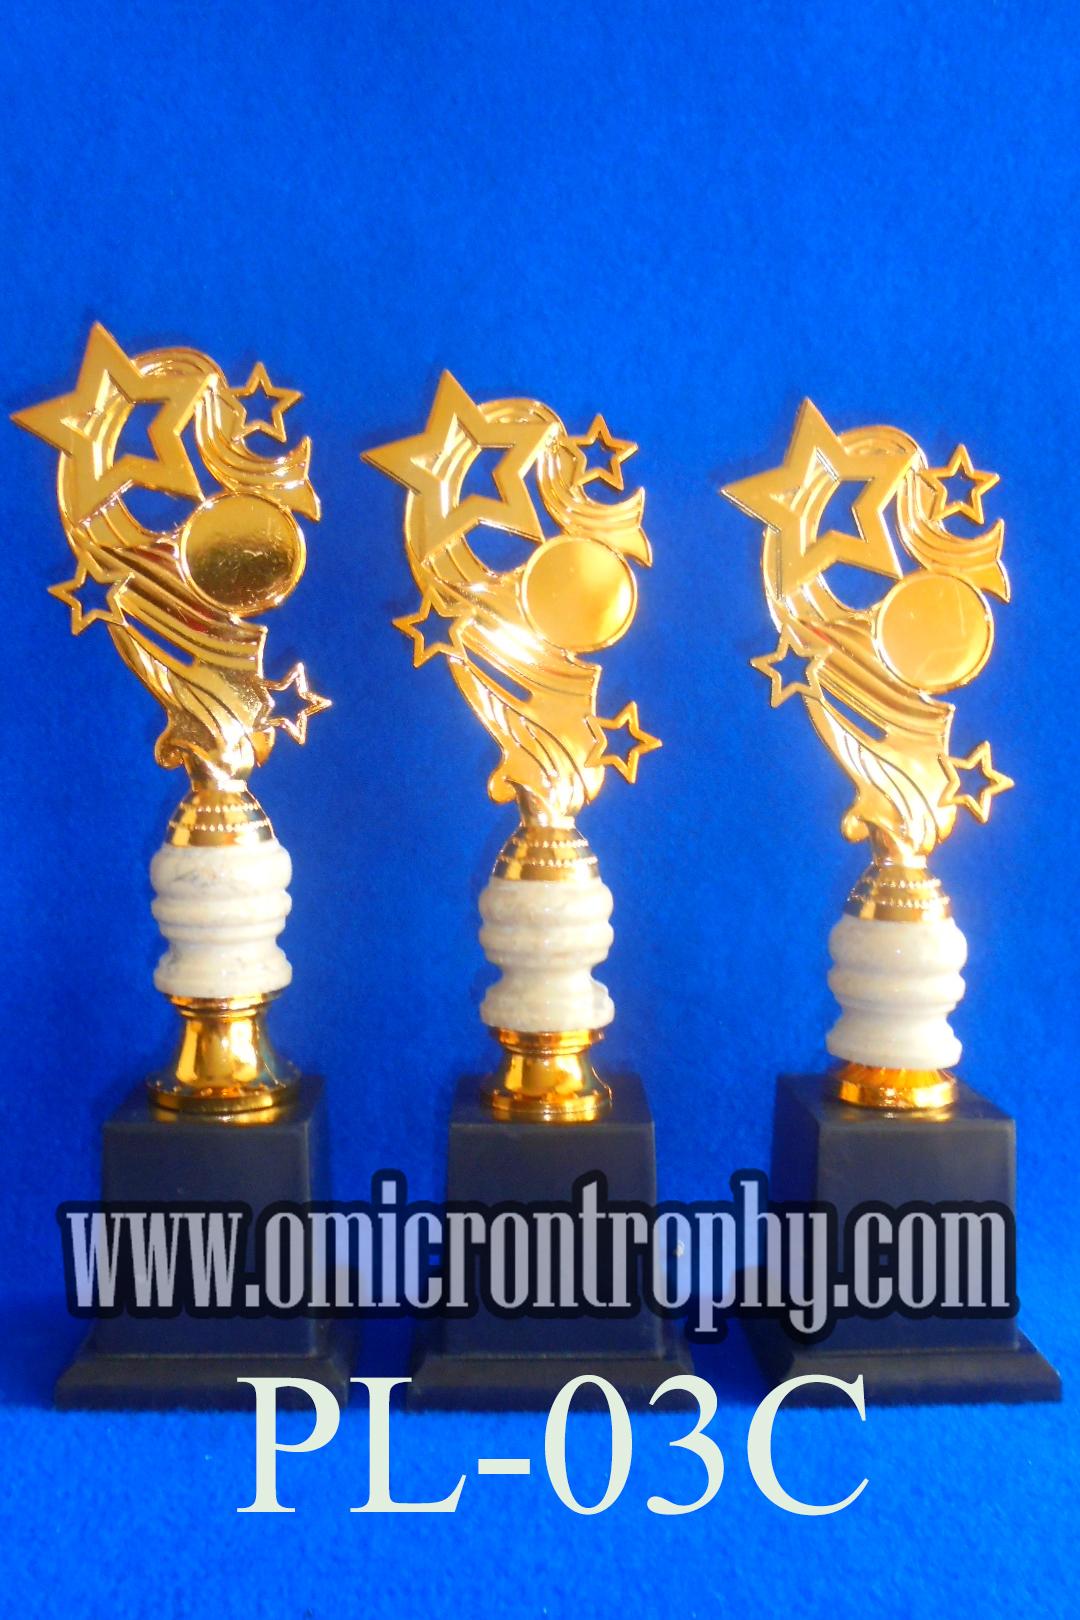 Agen Jual Piala Trophy Marmer Murah-PL-03C